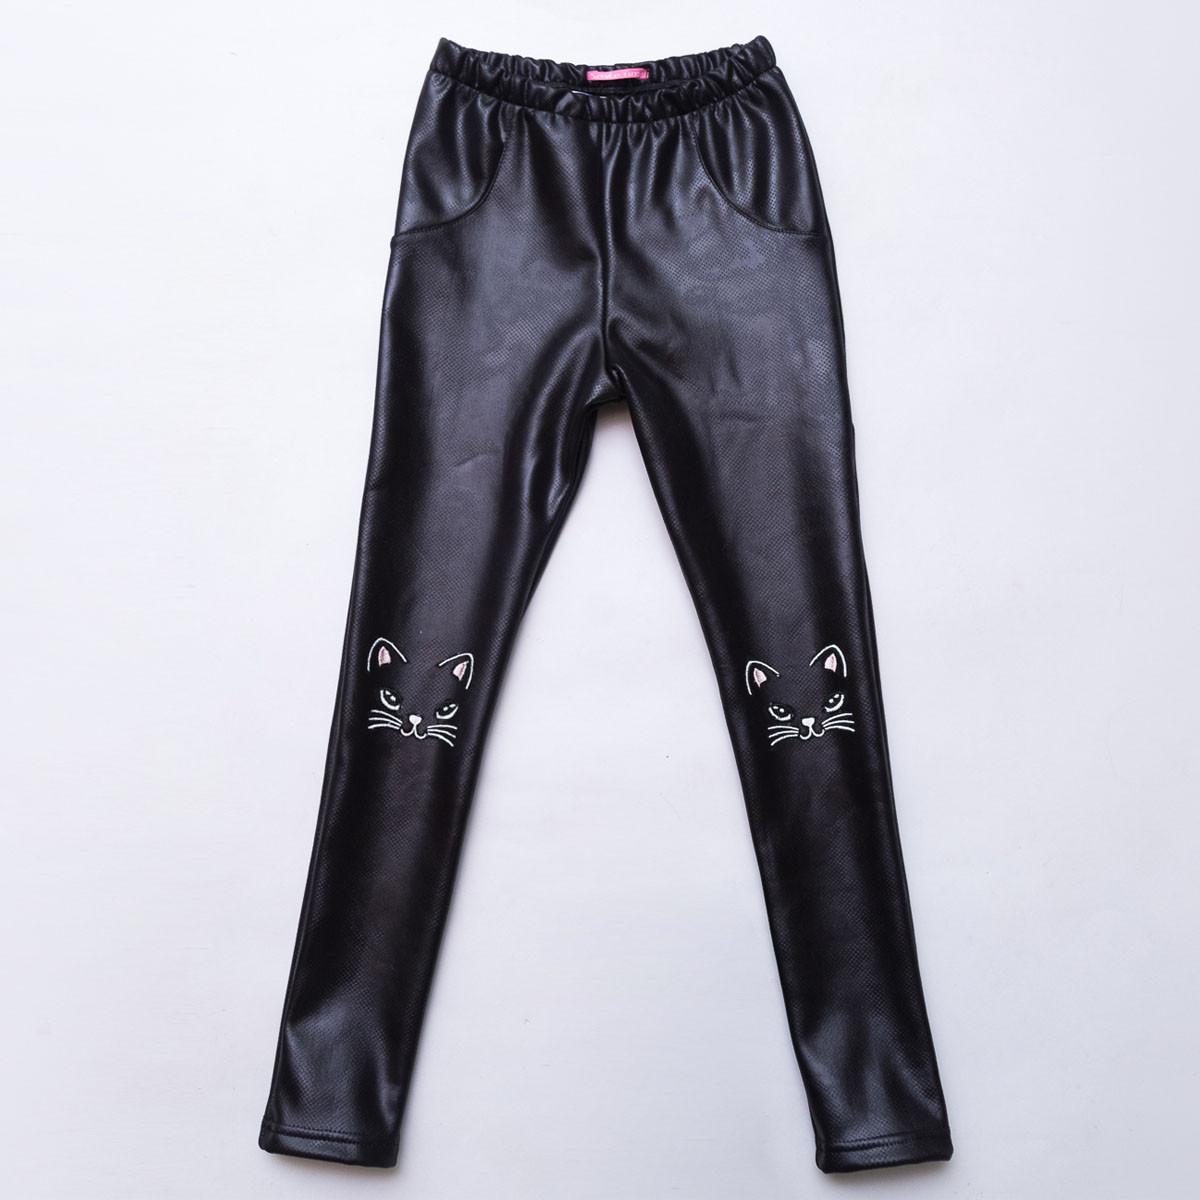 Лосины для девочки кожаные р.134,140 на меху SmileTime Leather Kitten, черные